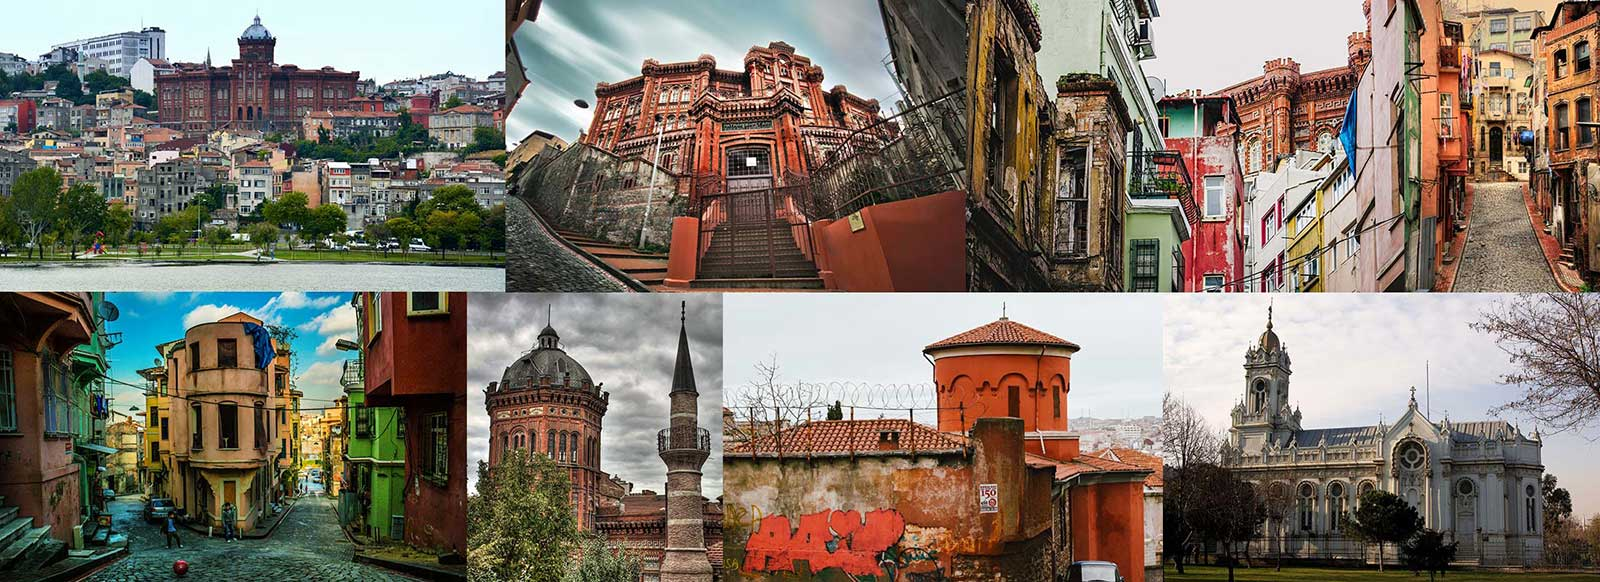 Fener Balat Walking Tour Istanbul